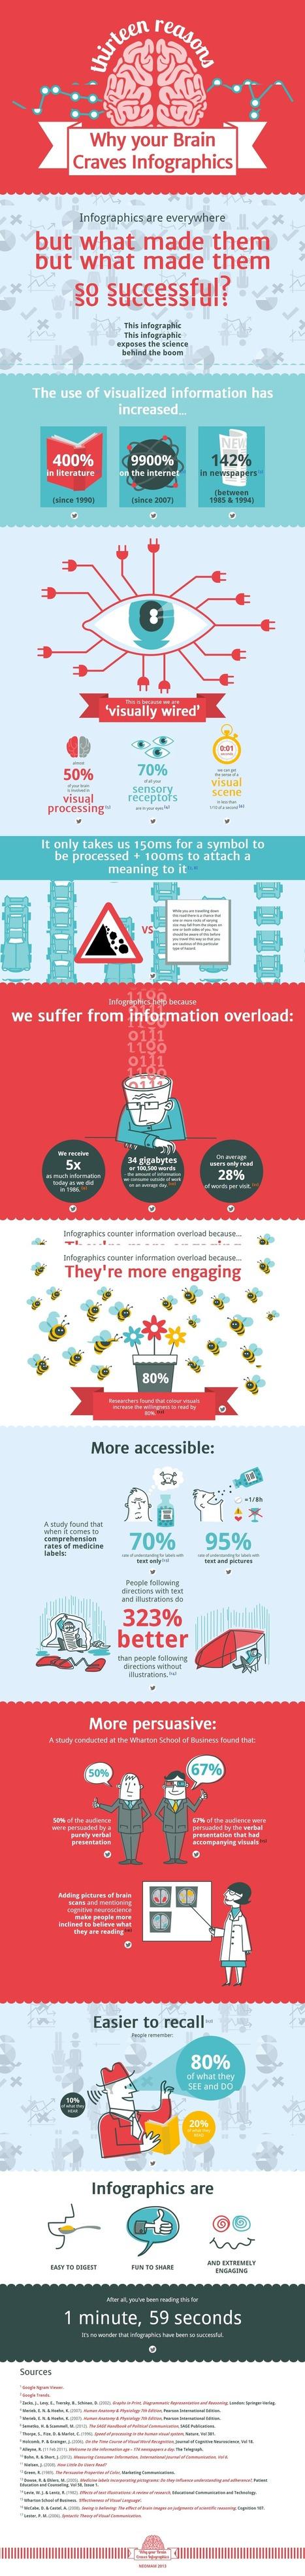 Por qué a nuestro cerebro le encantan las infografías #infografia #infographic #design | Educación electronica digital | Scoop.it